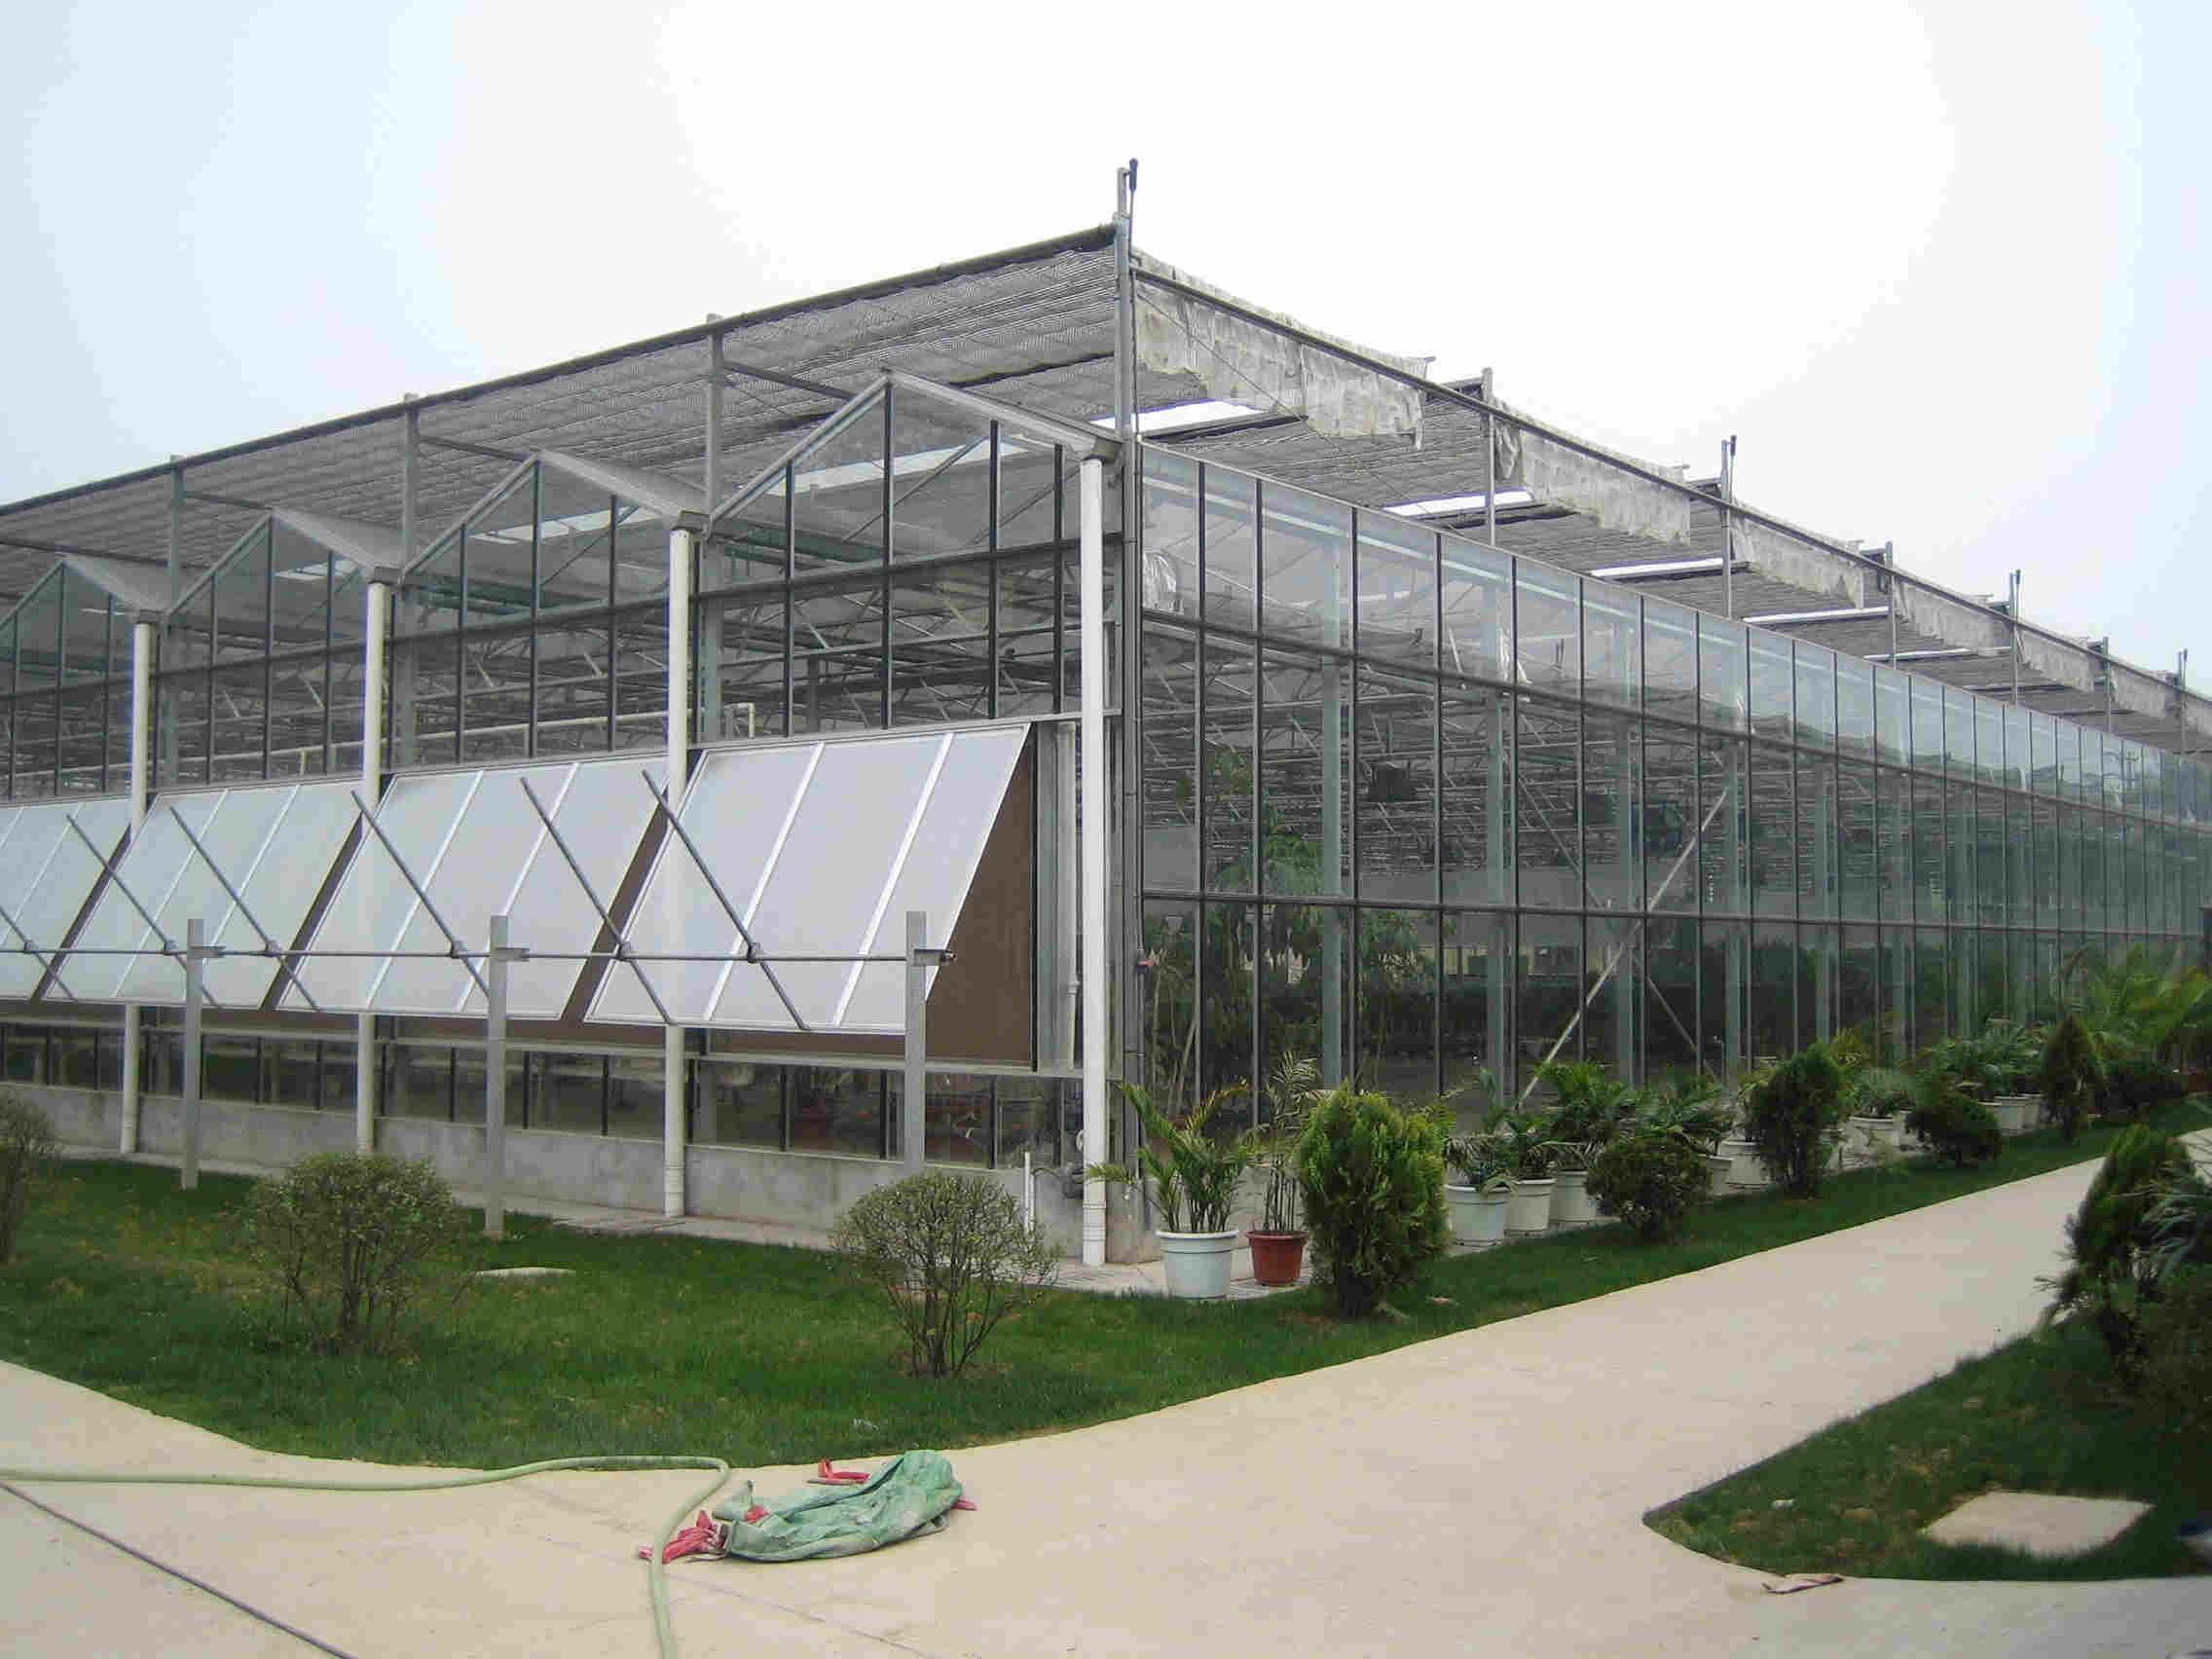 学习连栋膜温室建设,免费提供温室设计图纸,一眼就能看明白。